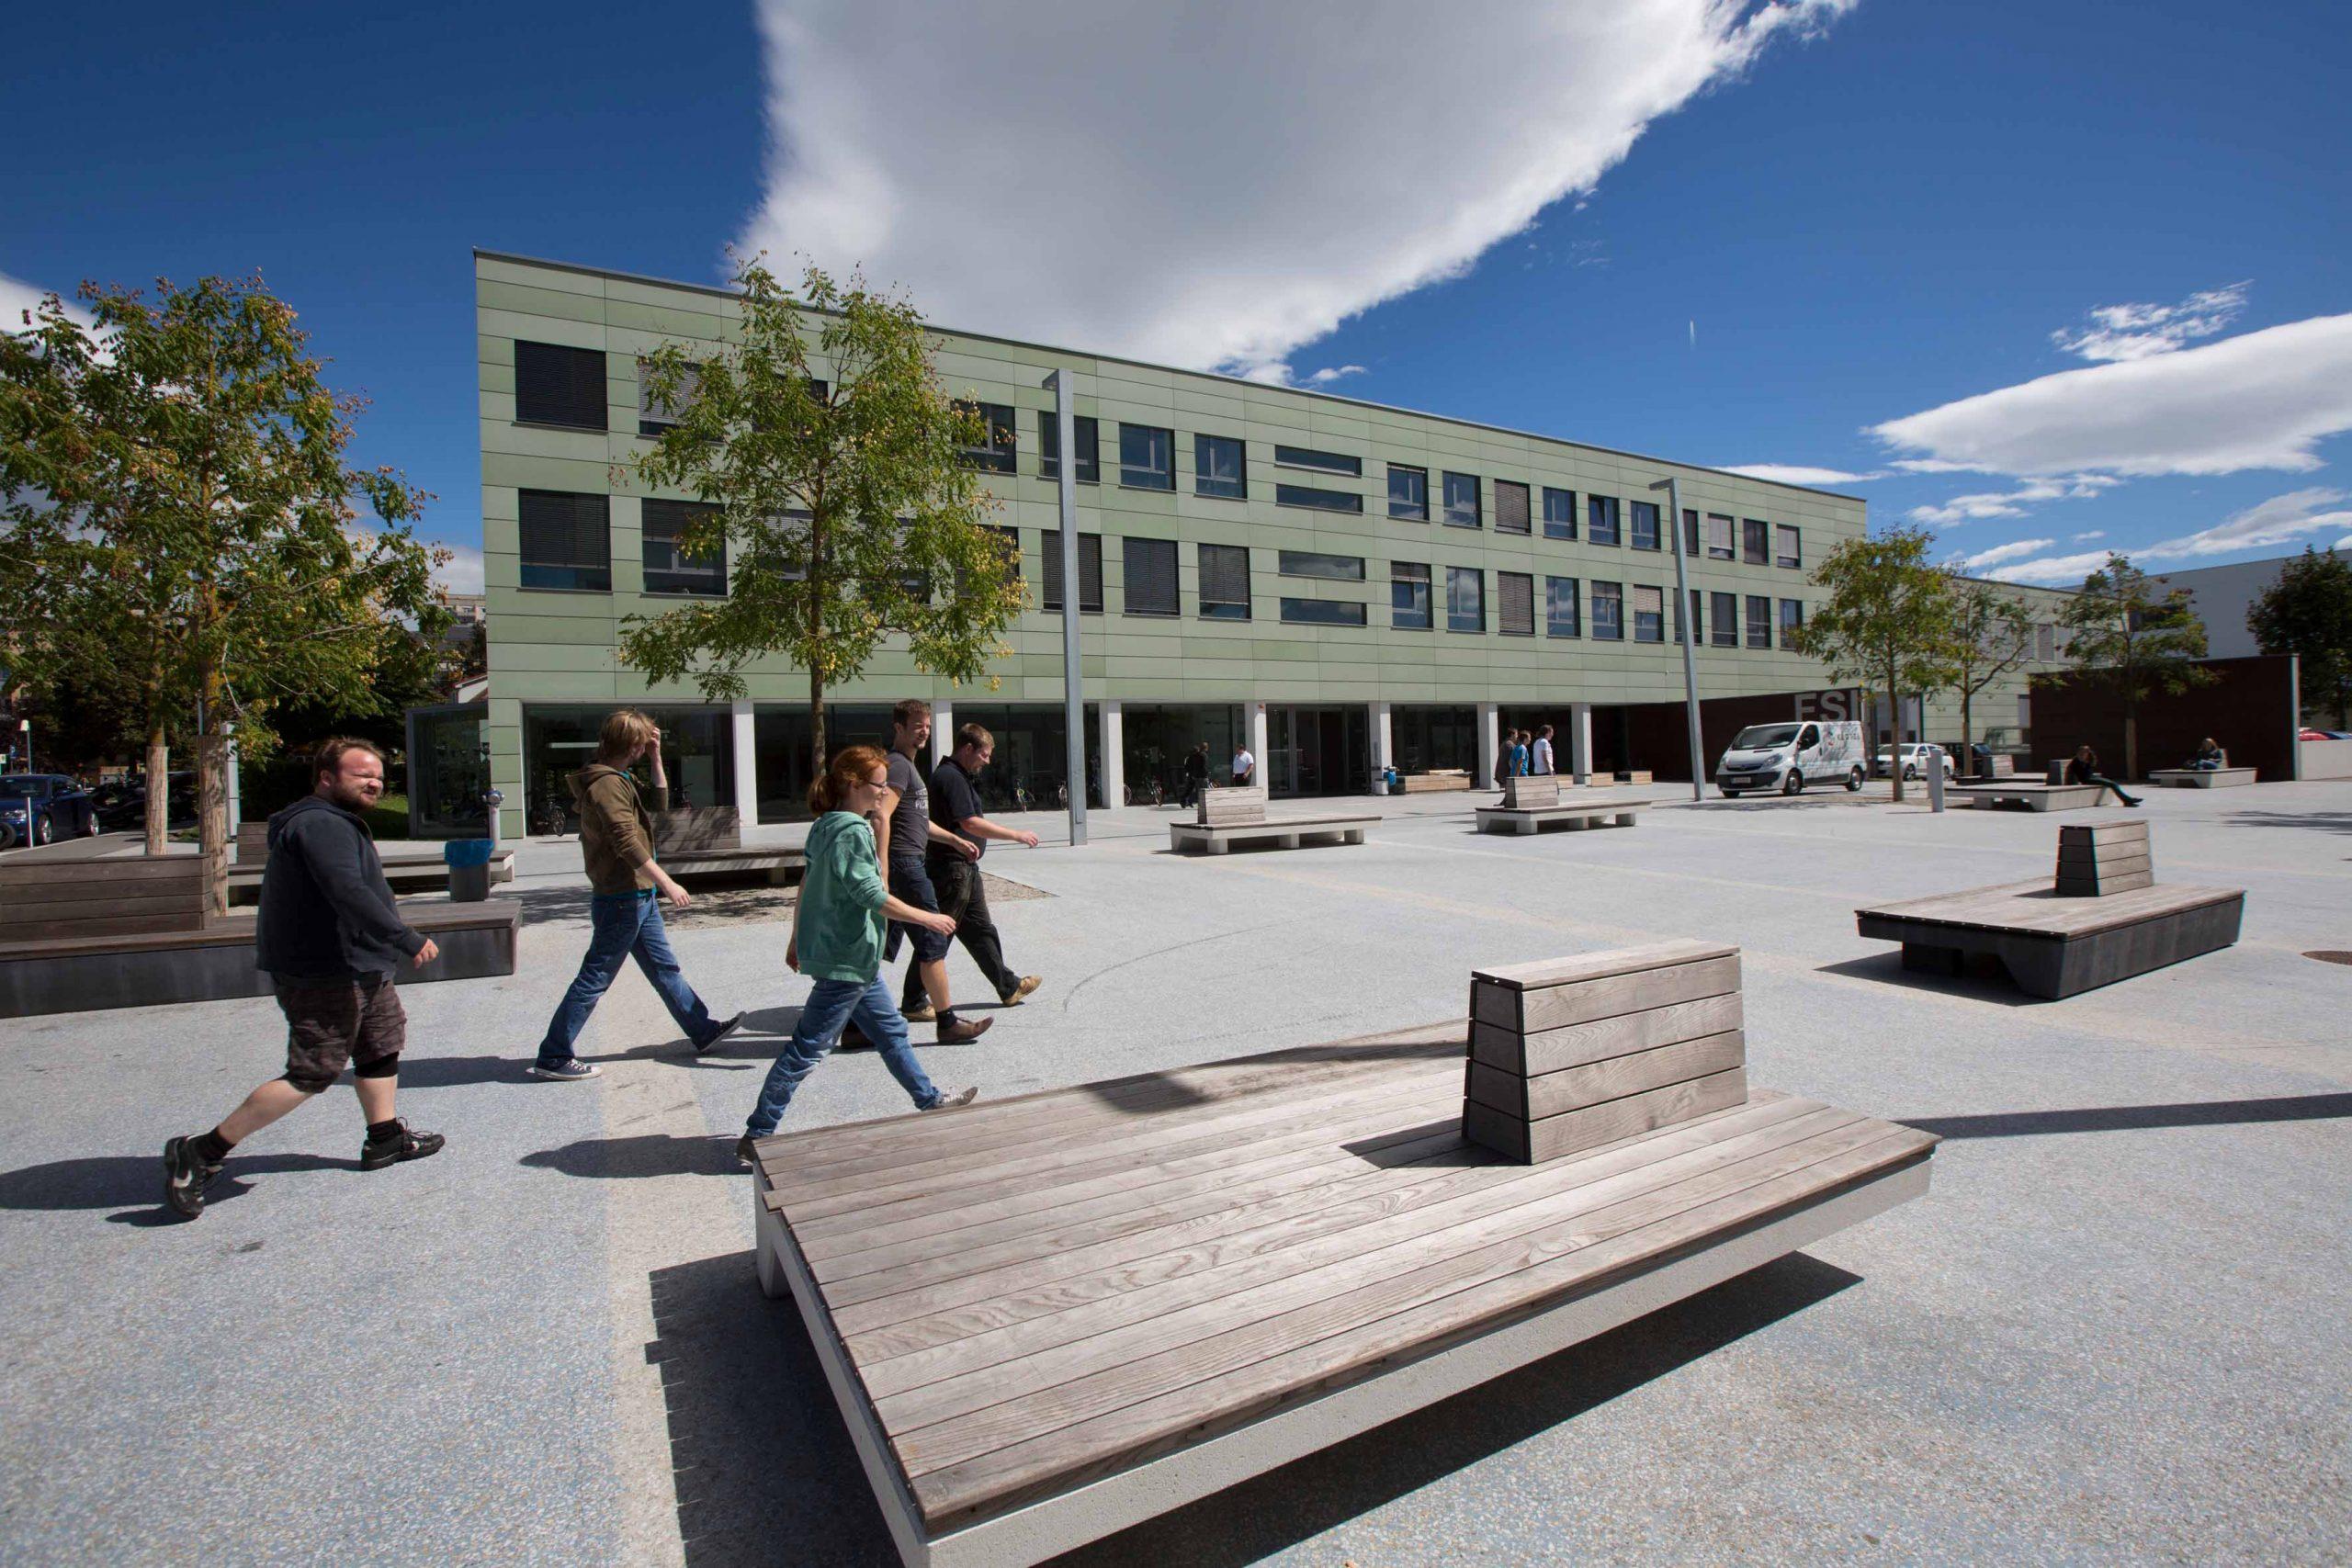 Der Campus der TU Graz in der Inffeldgasse wird internationalen Vorträge-Hotspot (Foto: Lunghammer)